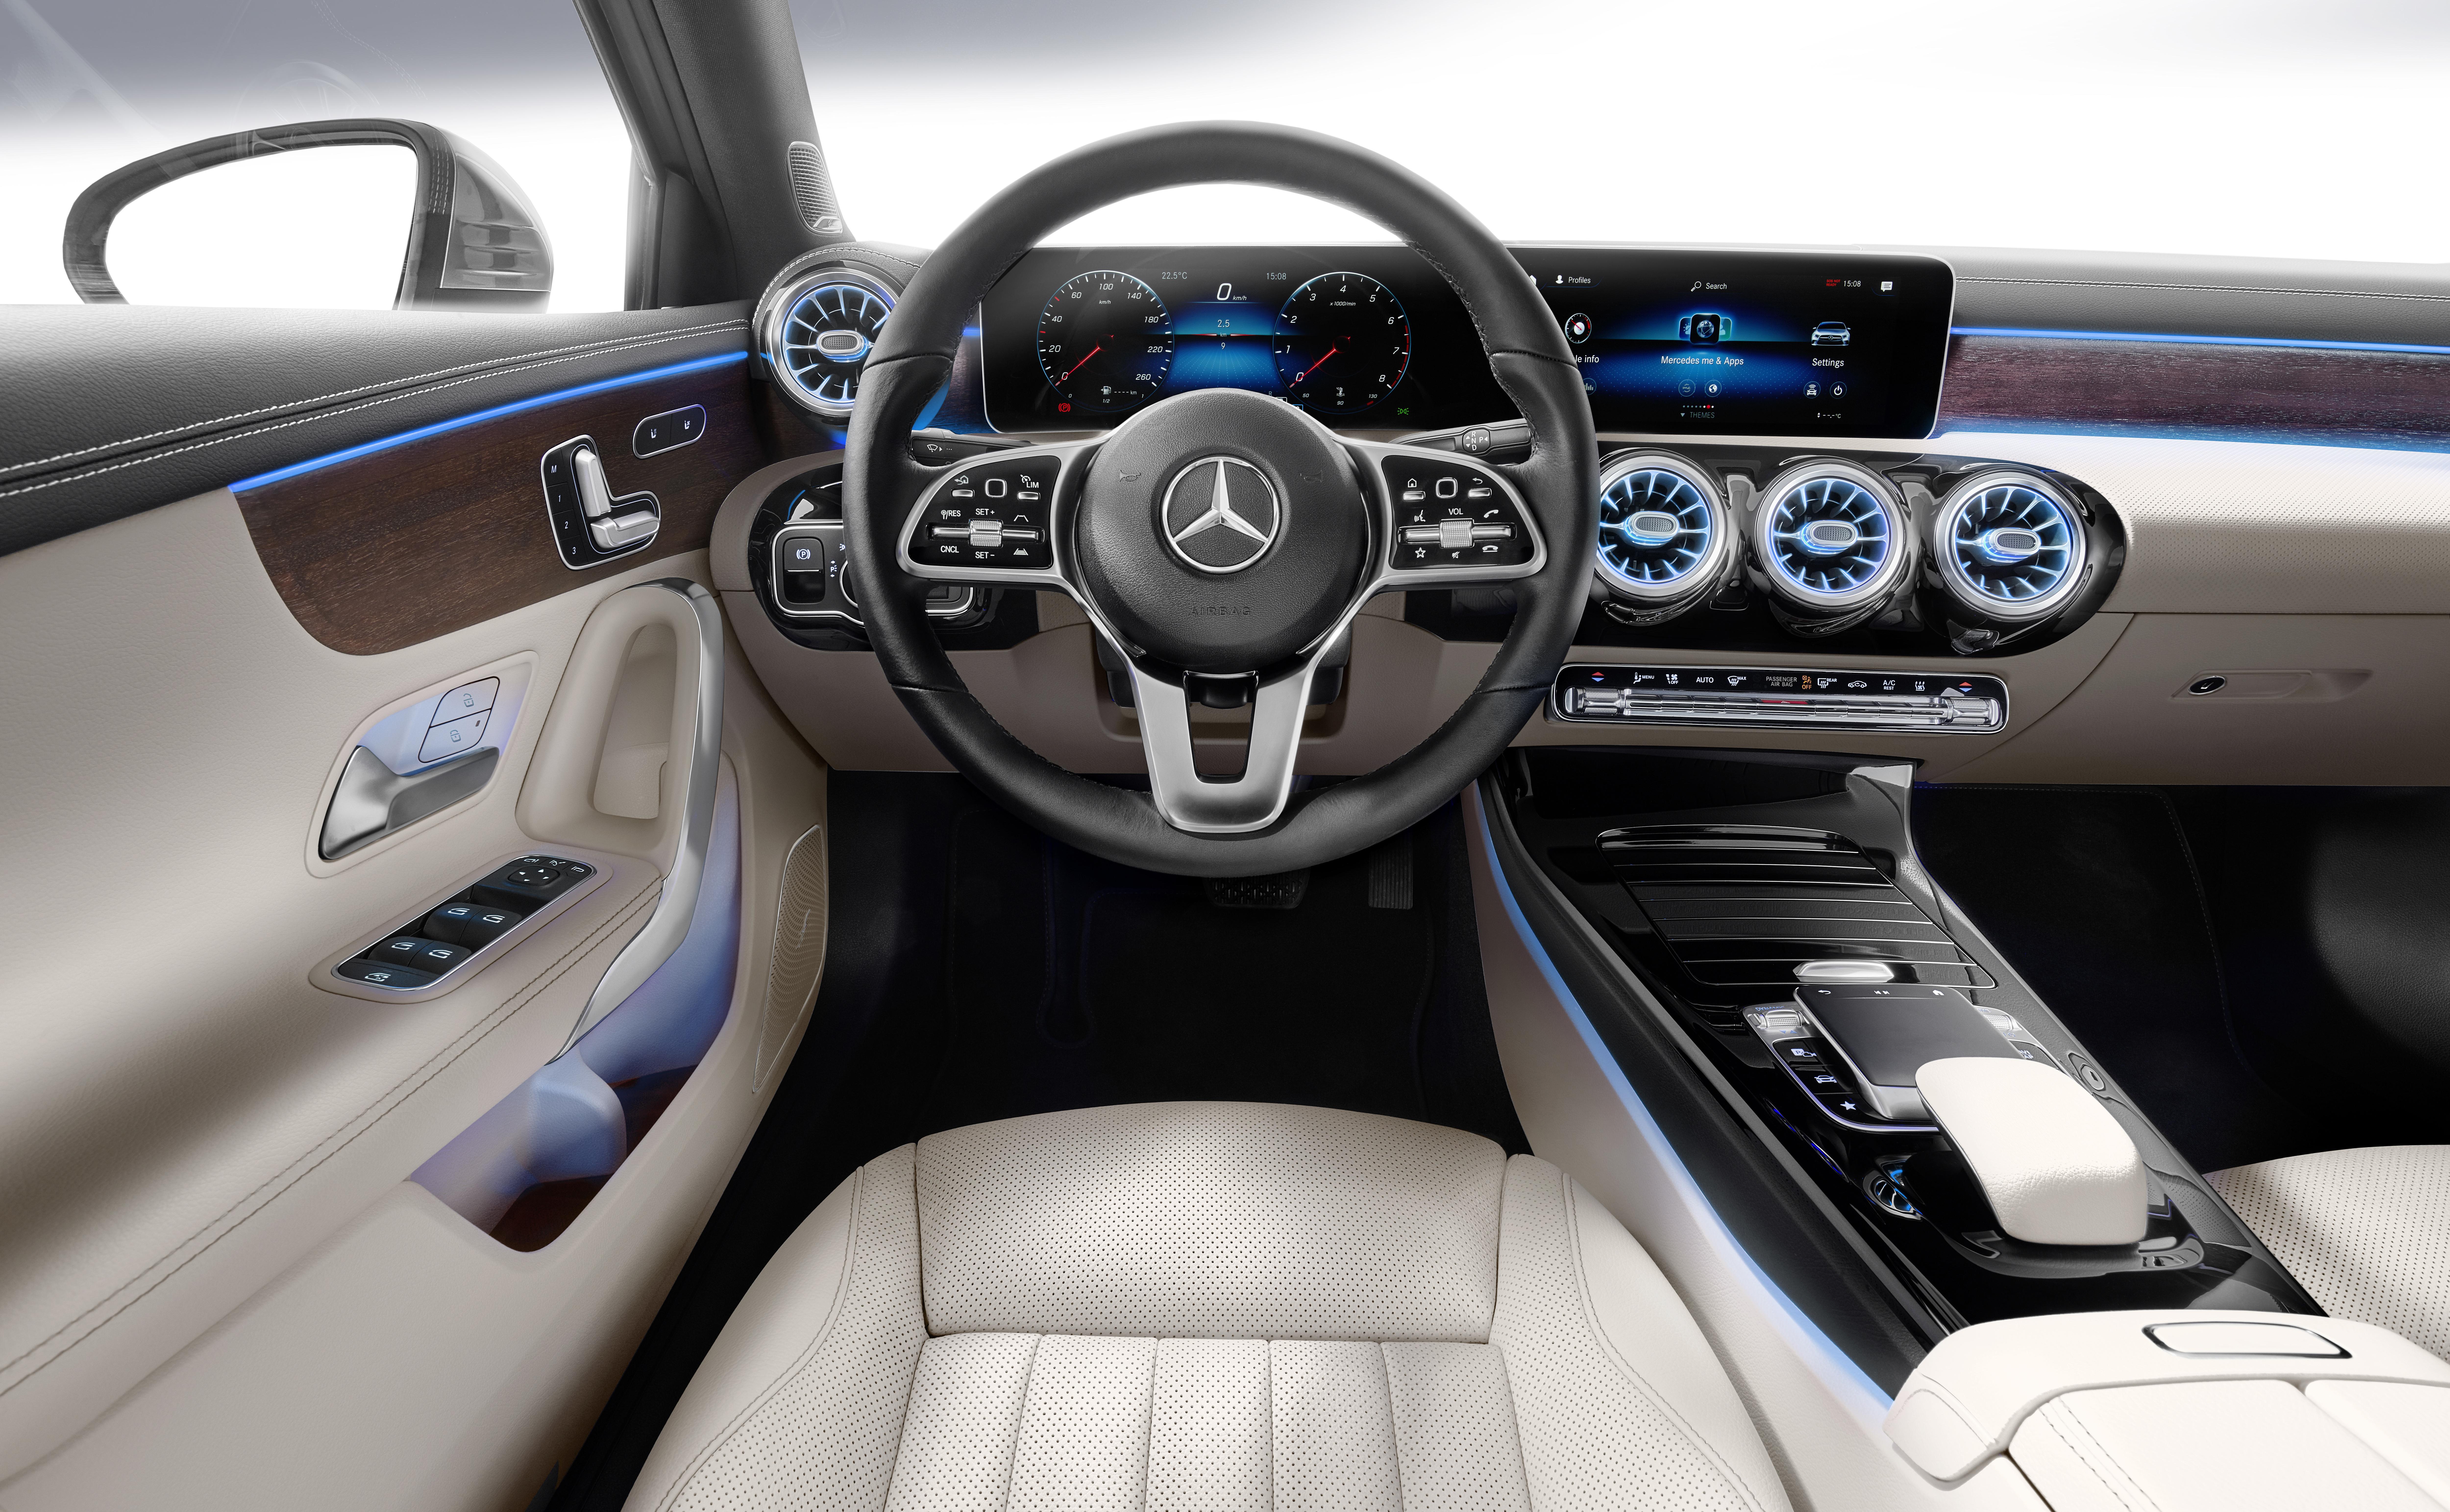 V177 Mercedes-Benz A-Class Sedan finally unveiled Image #842895